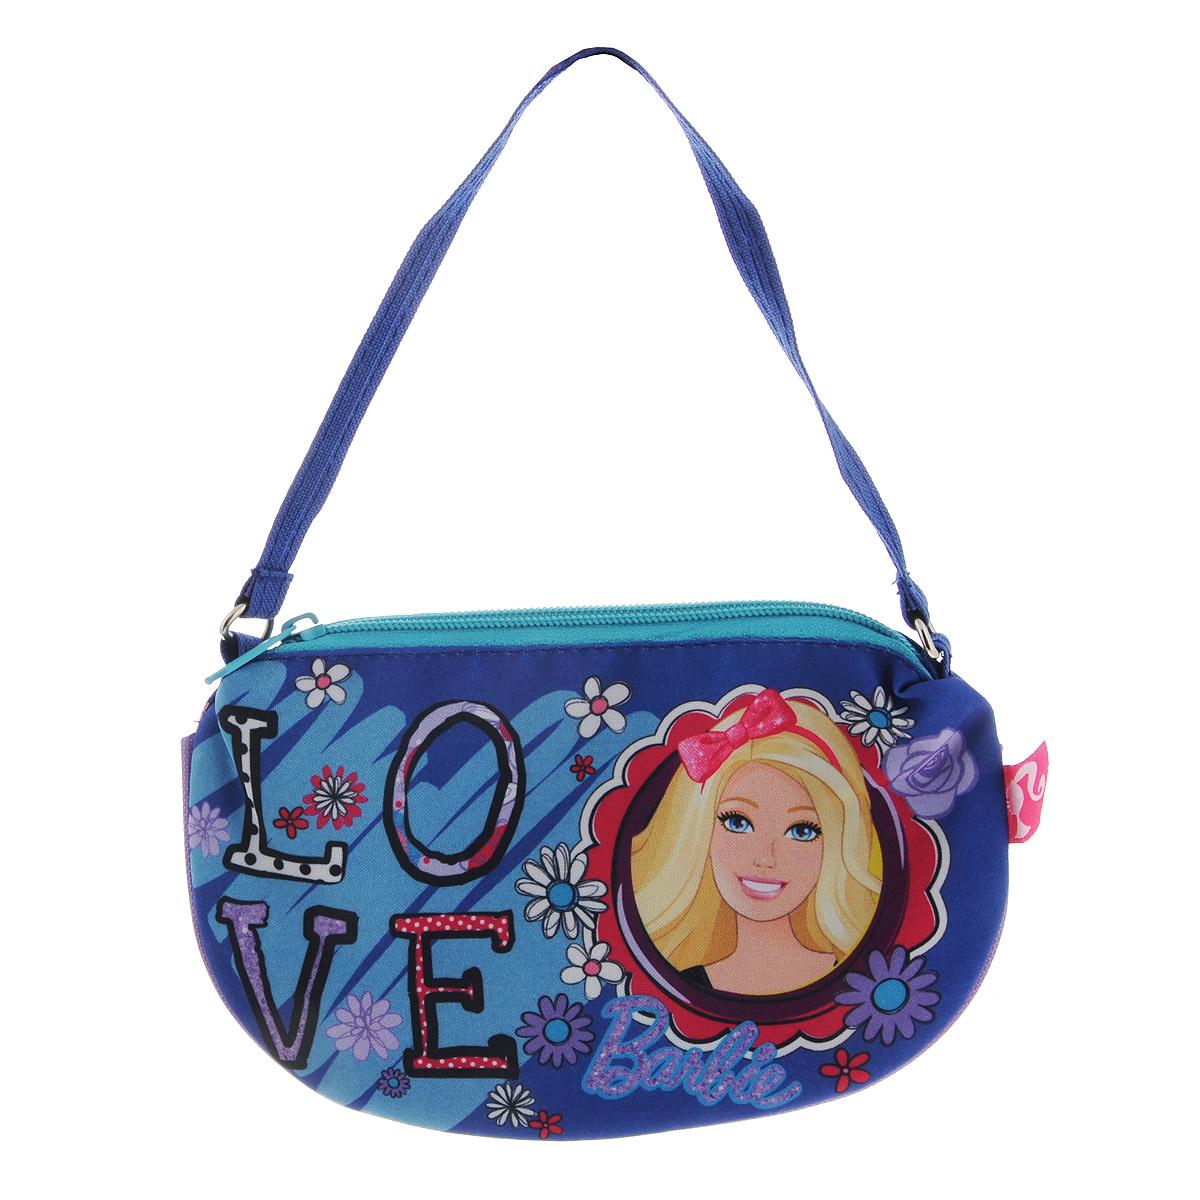 Сумочка Barbie, цвет: синий. BRCB-UT4-4017ASB4005/2 SETЯркая сумочка Barbie станет незаменимым аксессуаром для вашей маленькой модницы!Она изготовлена из текстильного материала и оформлена объемной аппликацией в виде изображения любимой сказочной героини. Сумка имеет одно отделение и закрывается на застежку-молнию. Ваша малышка с удовольствием будет носить в ней свои вещи, любимые игрушки или аксессуары. Порадуйте ее таким замечательным подарком!